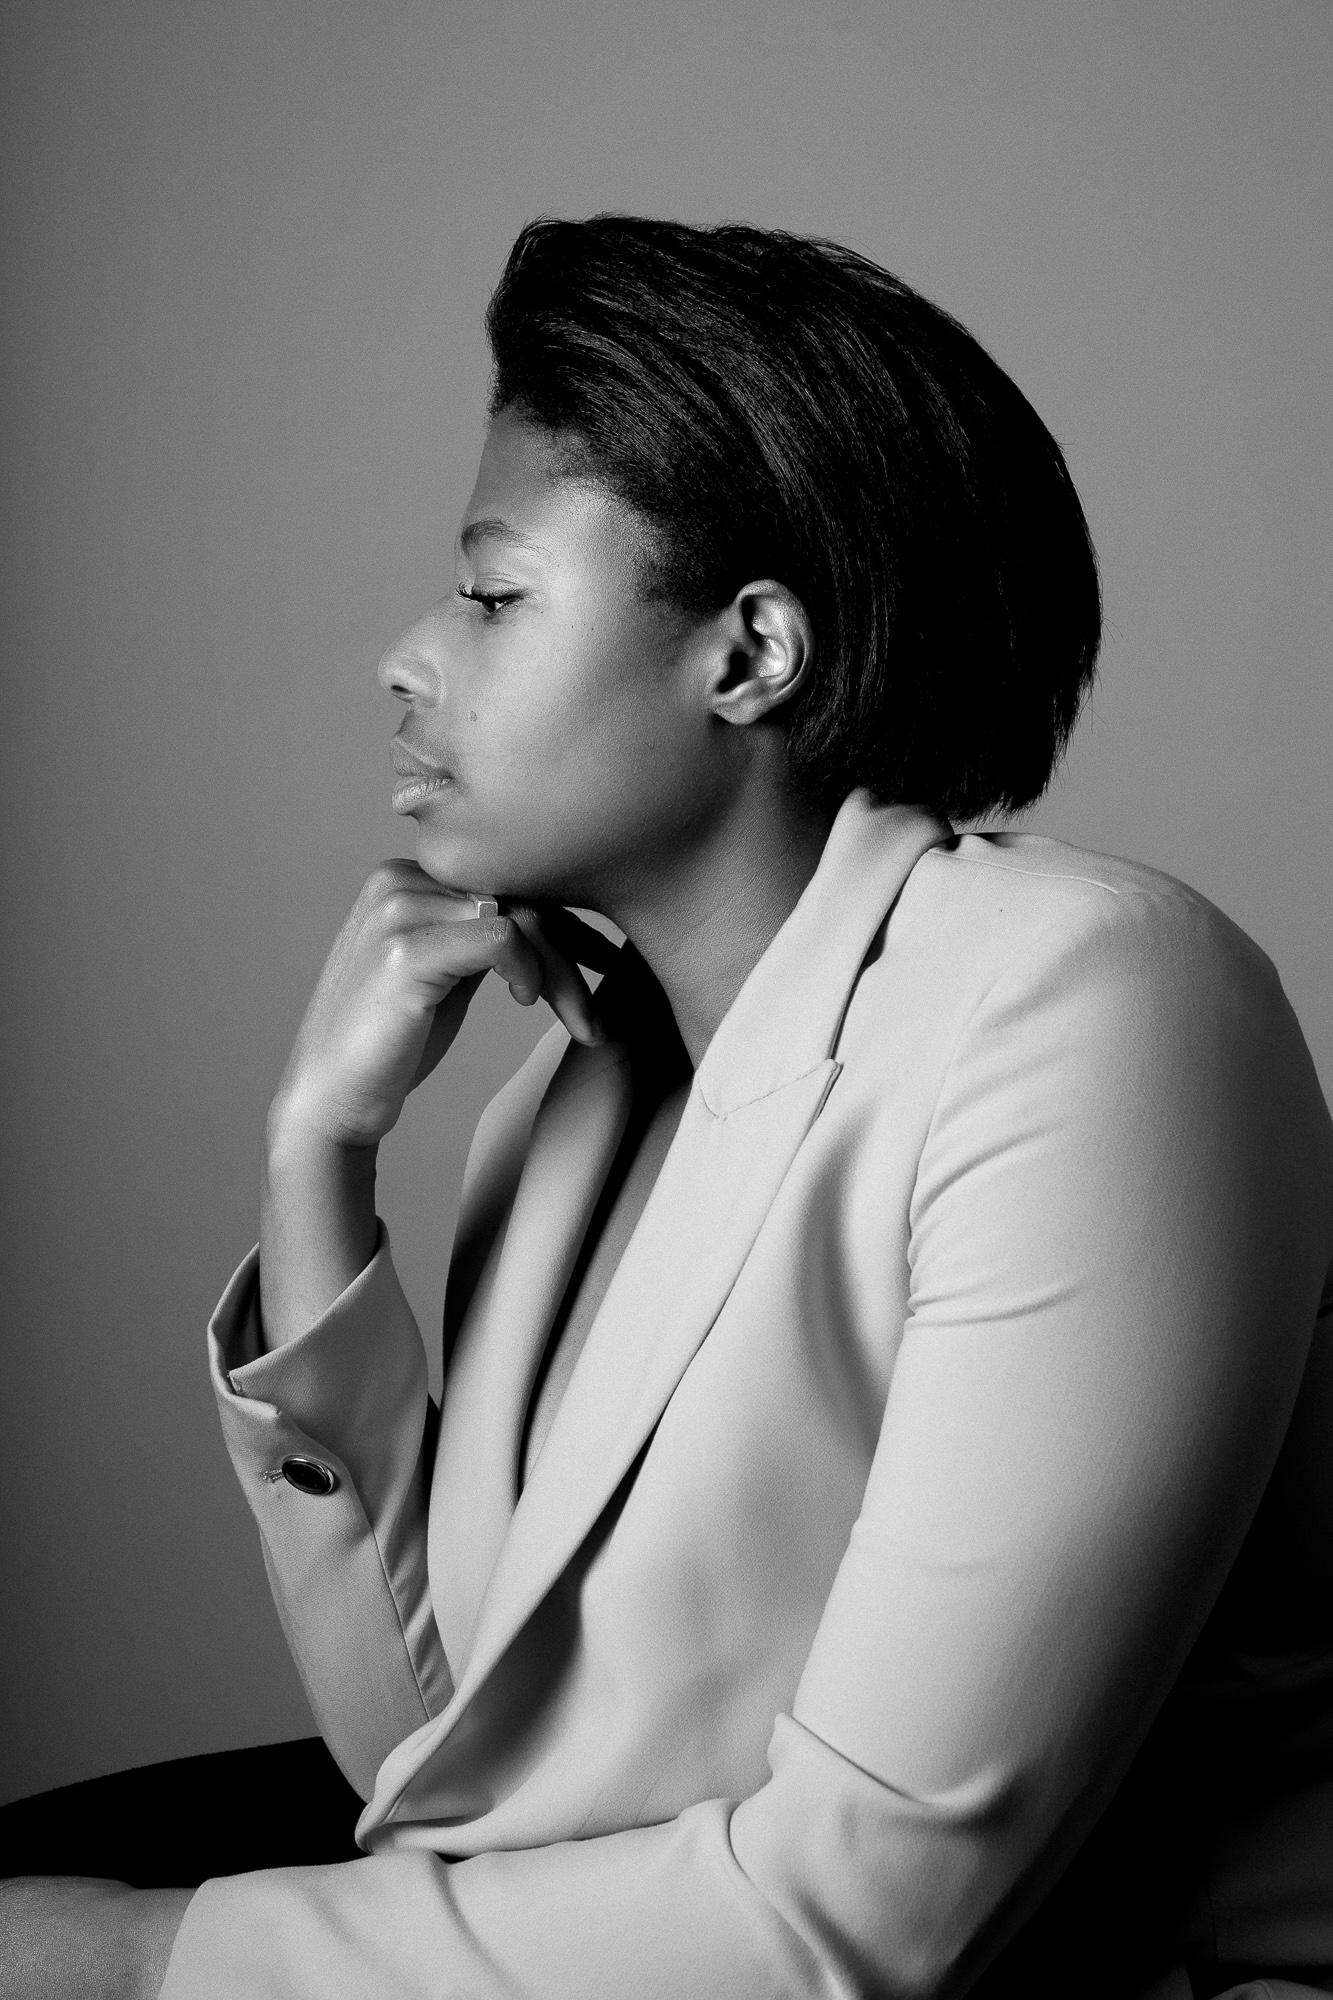 PHOTOGRAPHE PORTRAIT ACTEUR CHANTEUR CELEBRITE LYON PARIS FRANCE-25